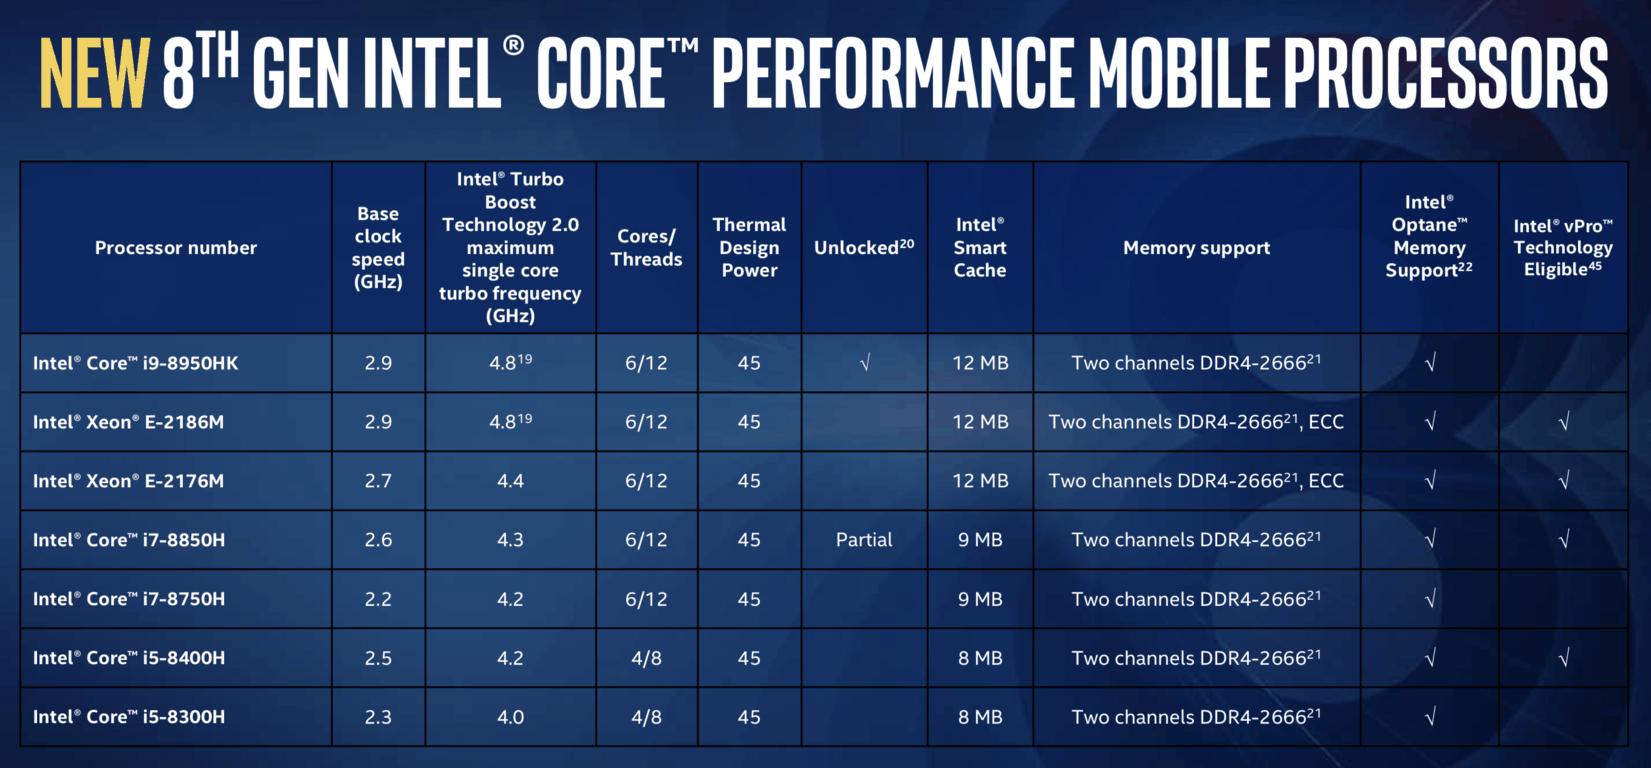 Intel announces new 8th gen core i9, i7 and i5 processors for laptops - onmsft. Com - april 3, 2018